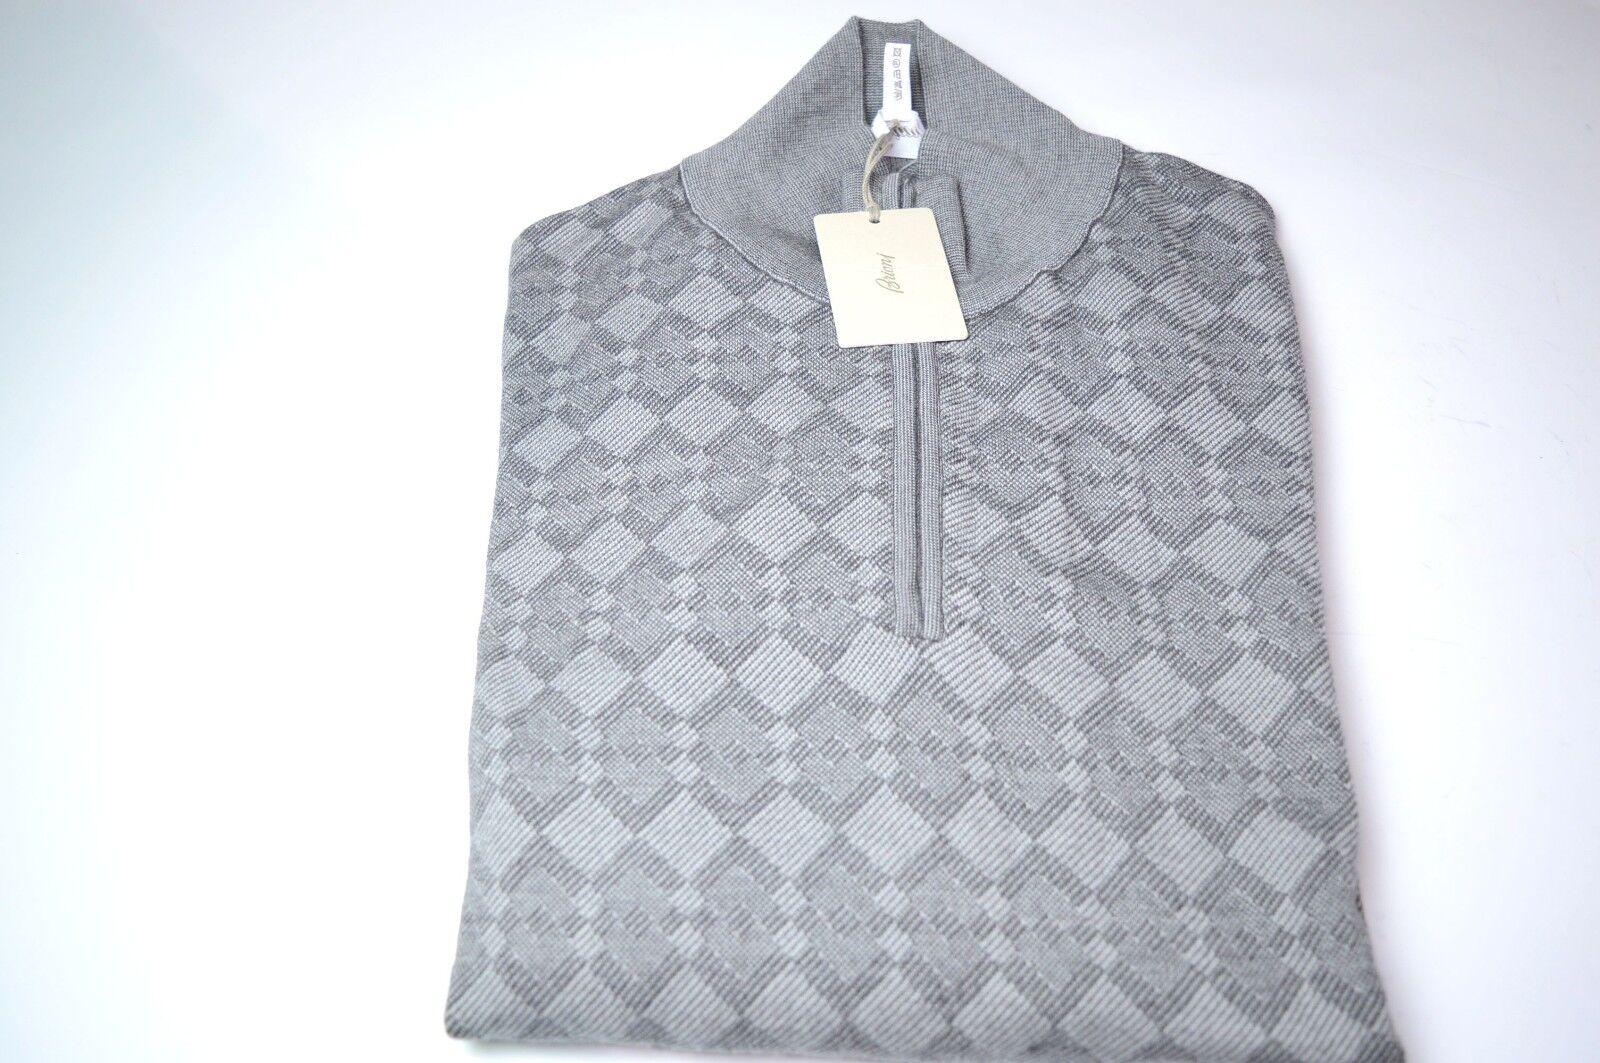 NEW  1250,00 BRIONI  Sweater  Wool Größe 4XL Us 60  Eu (AR107)